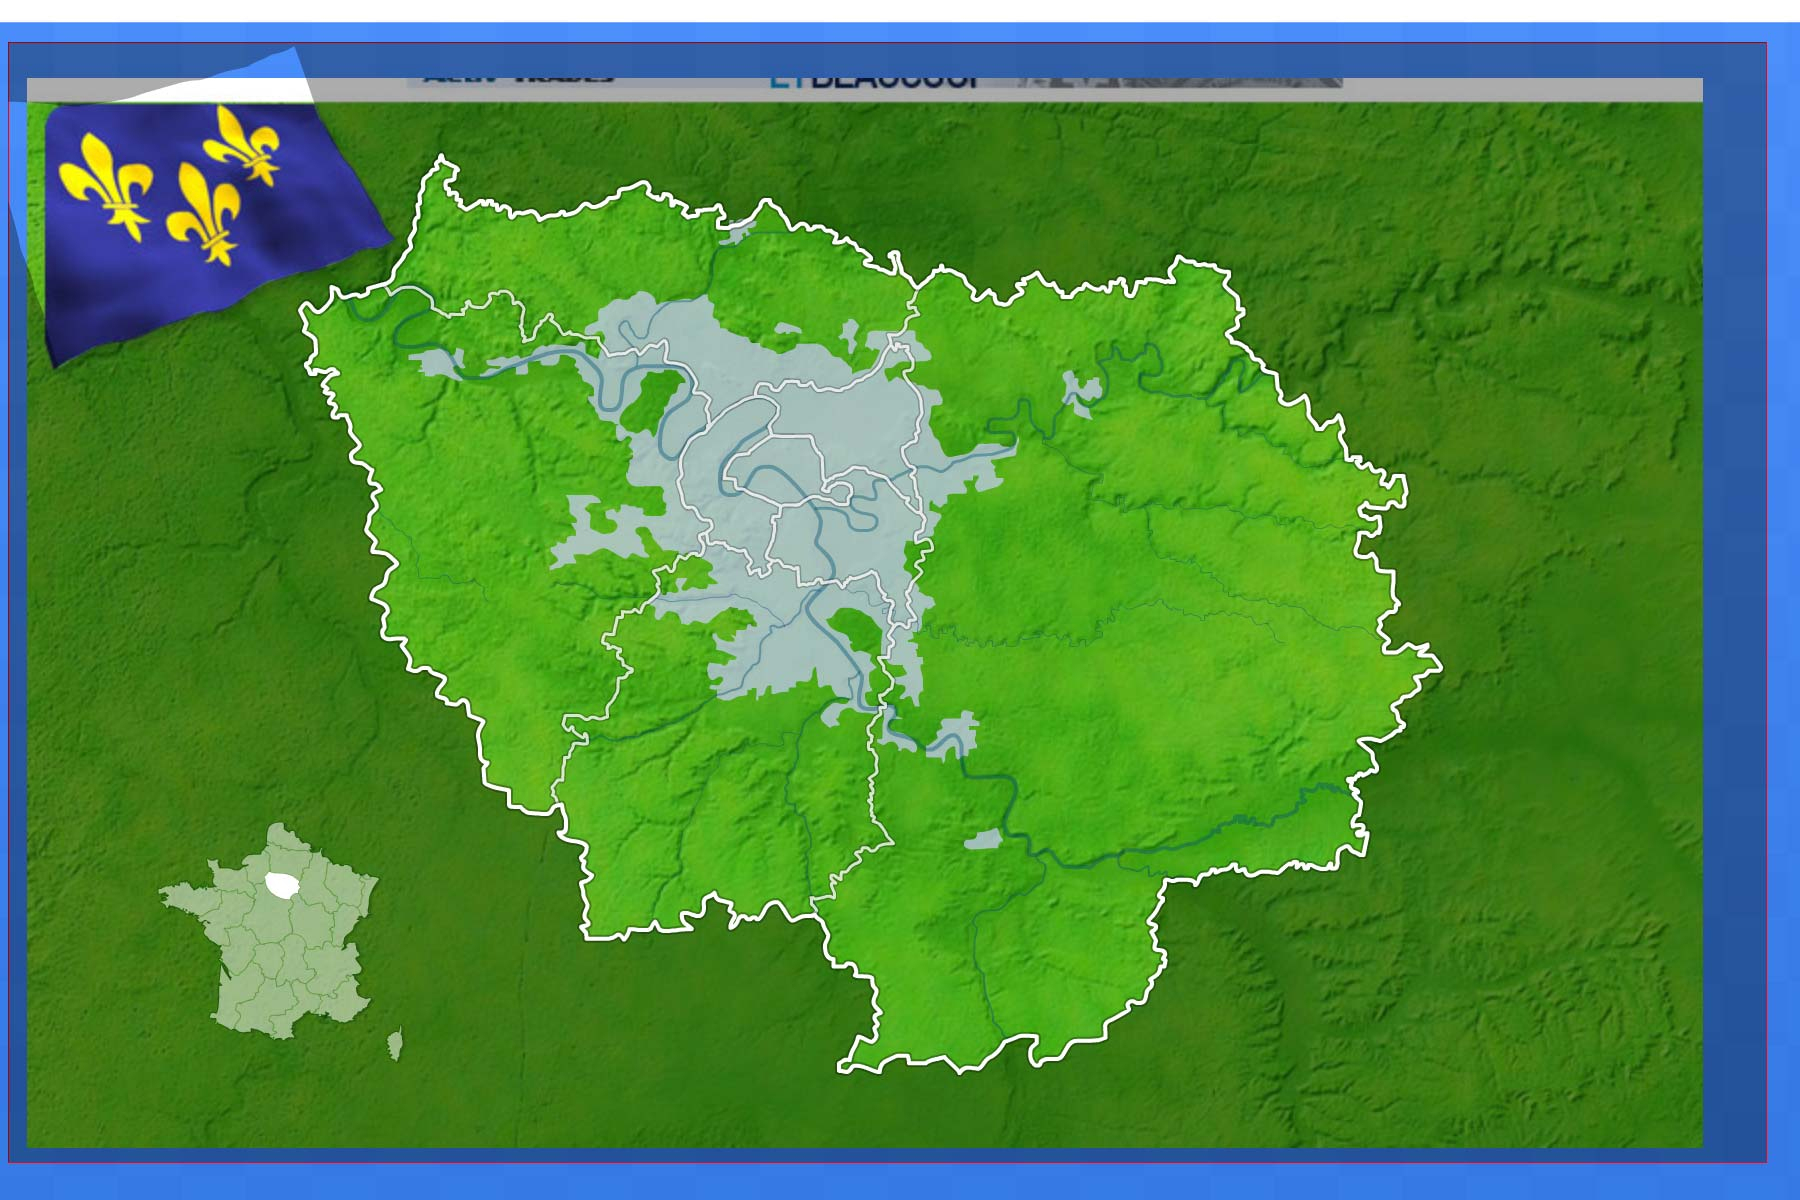 Jeux-Geographiques Jeux Gratuits Villes D Ile De France pour Jeux Des Villes De France